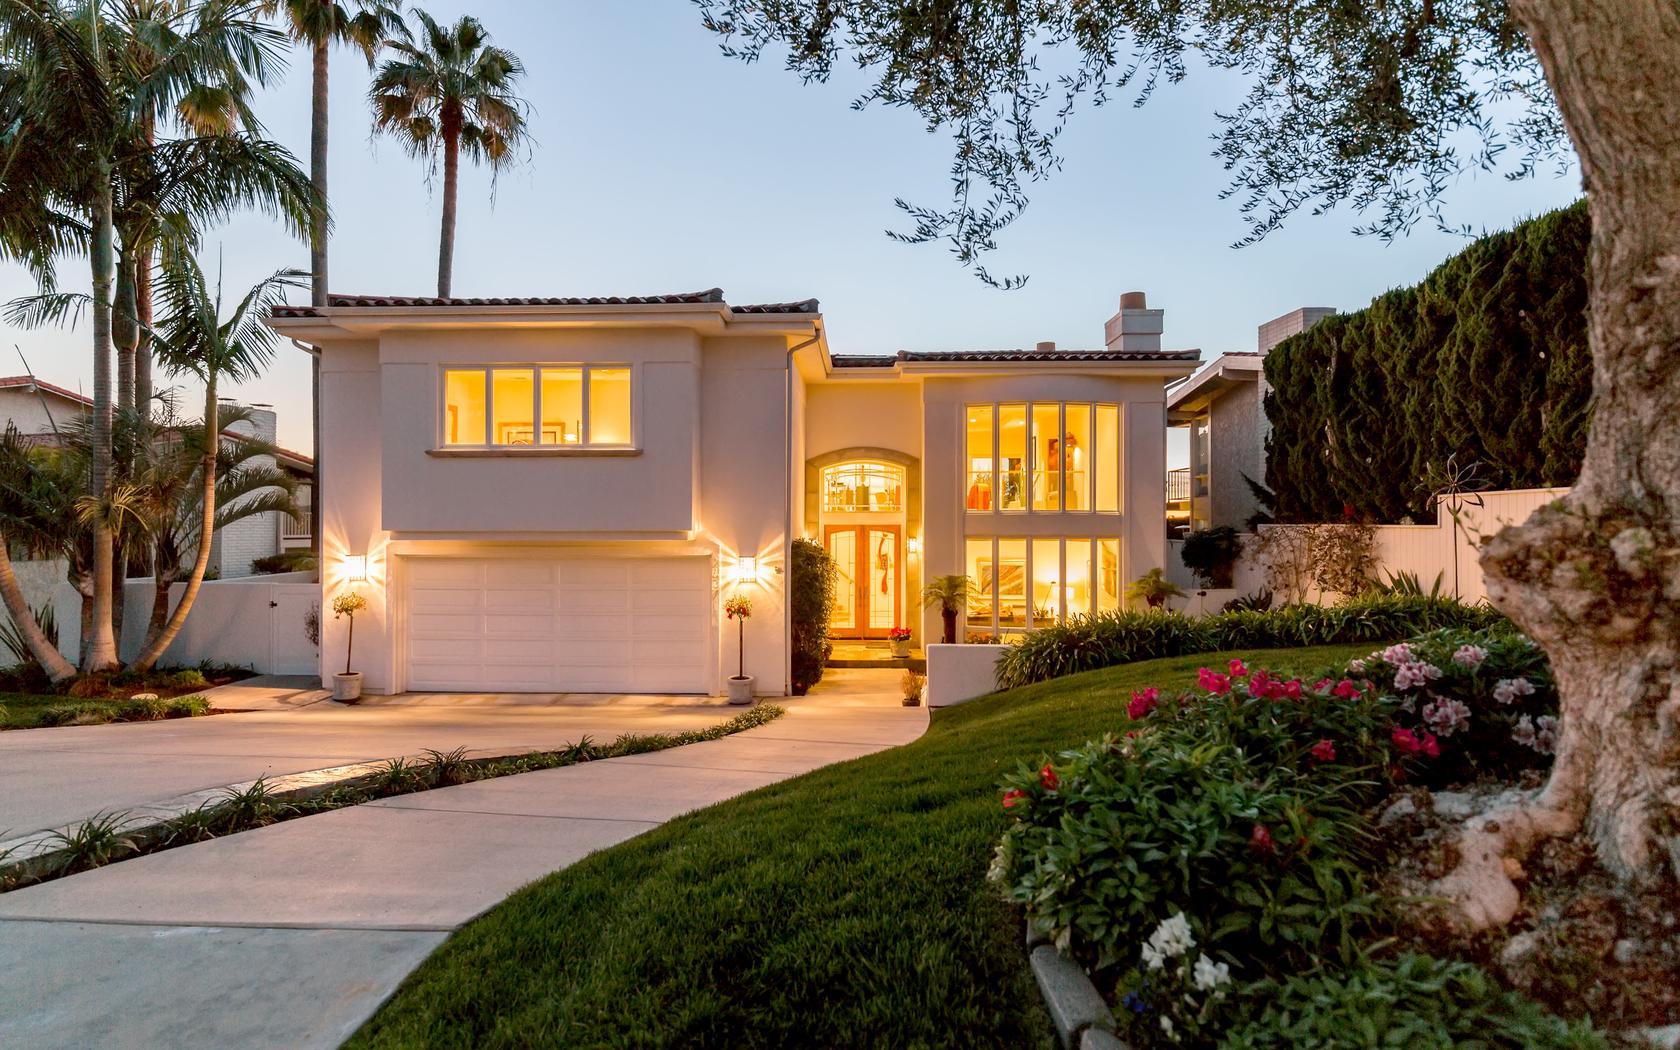 Property For Sale at 2637 Via Olivera